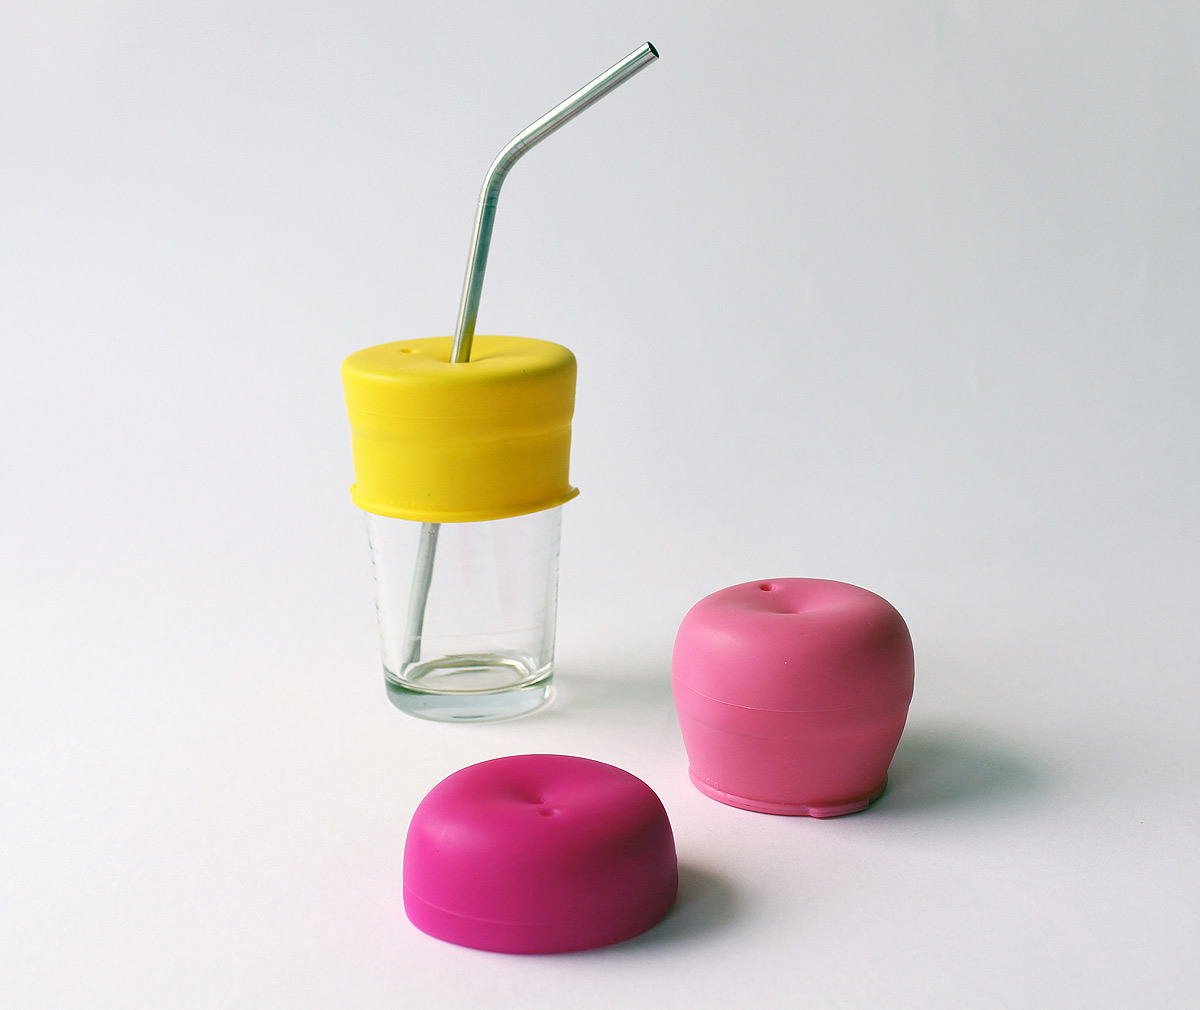 SipSnap KID läckagesäkert lock av silikon för sugrör rosa